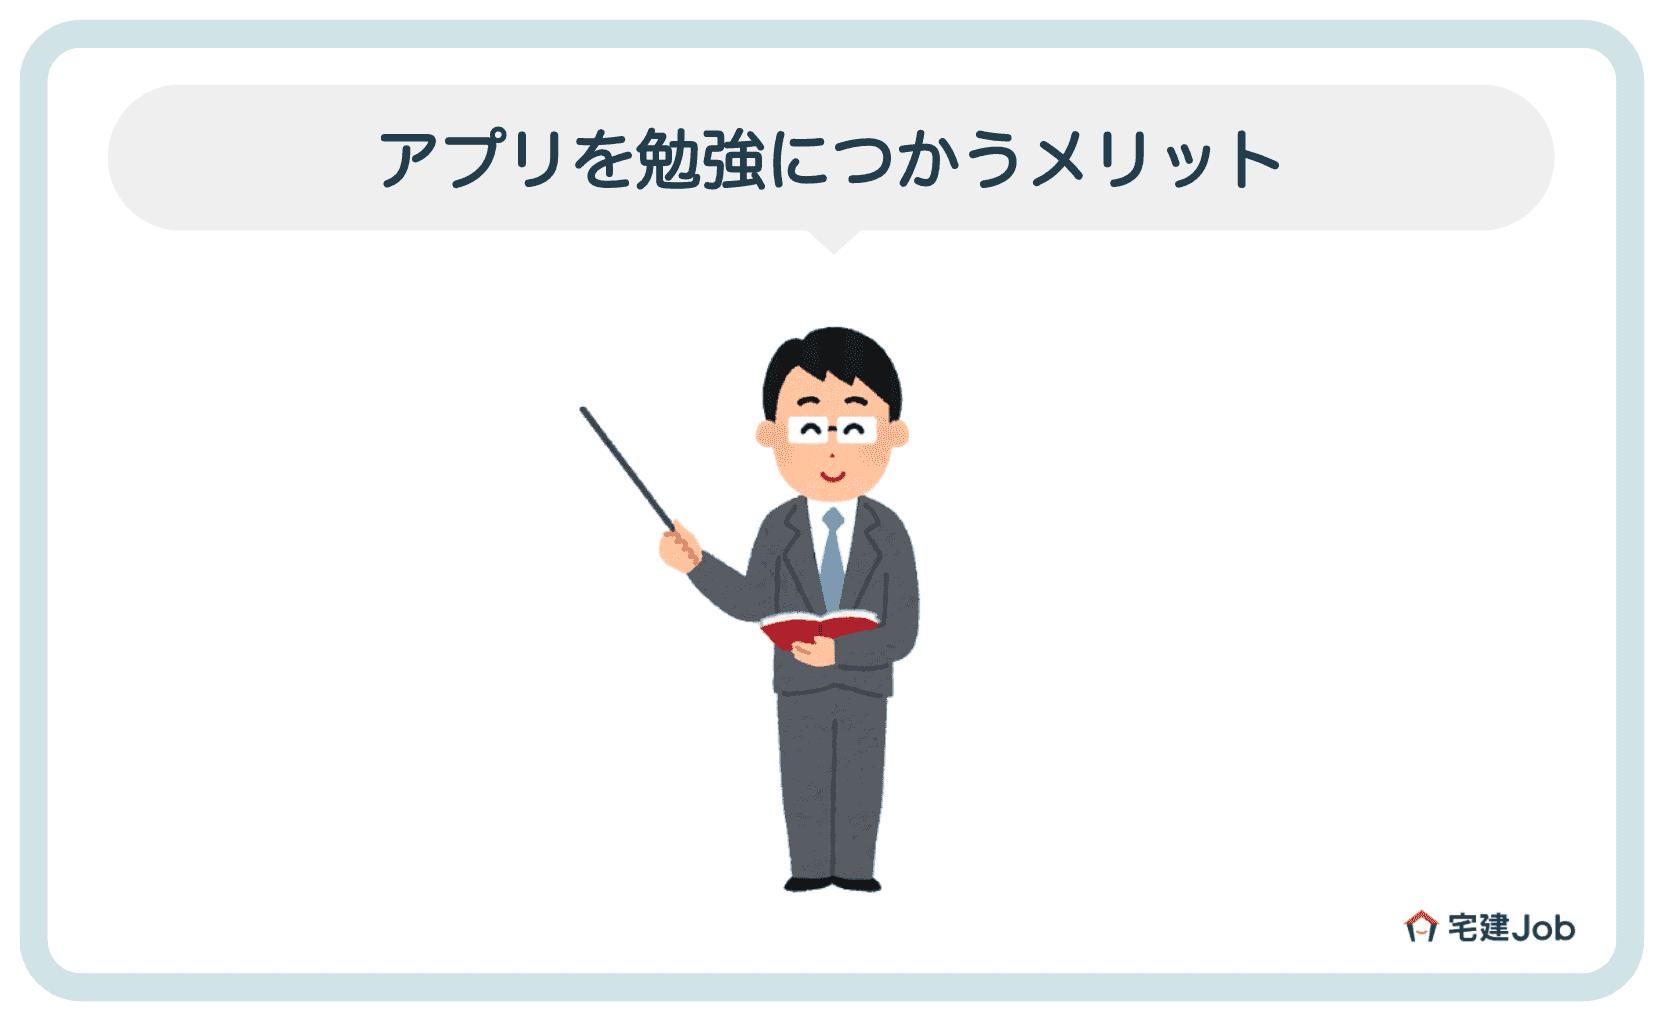 1.マンション管理士の試験勉強をアプリでするメリット